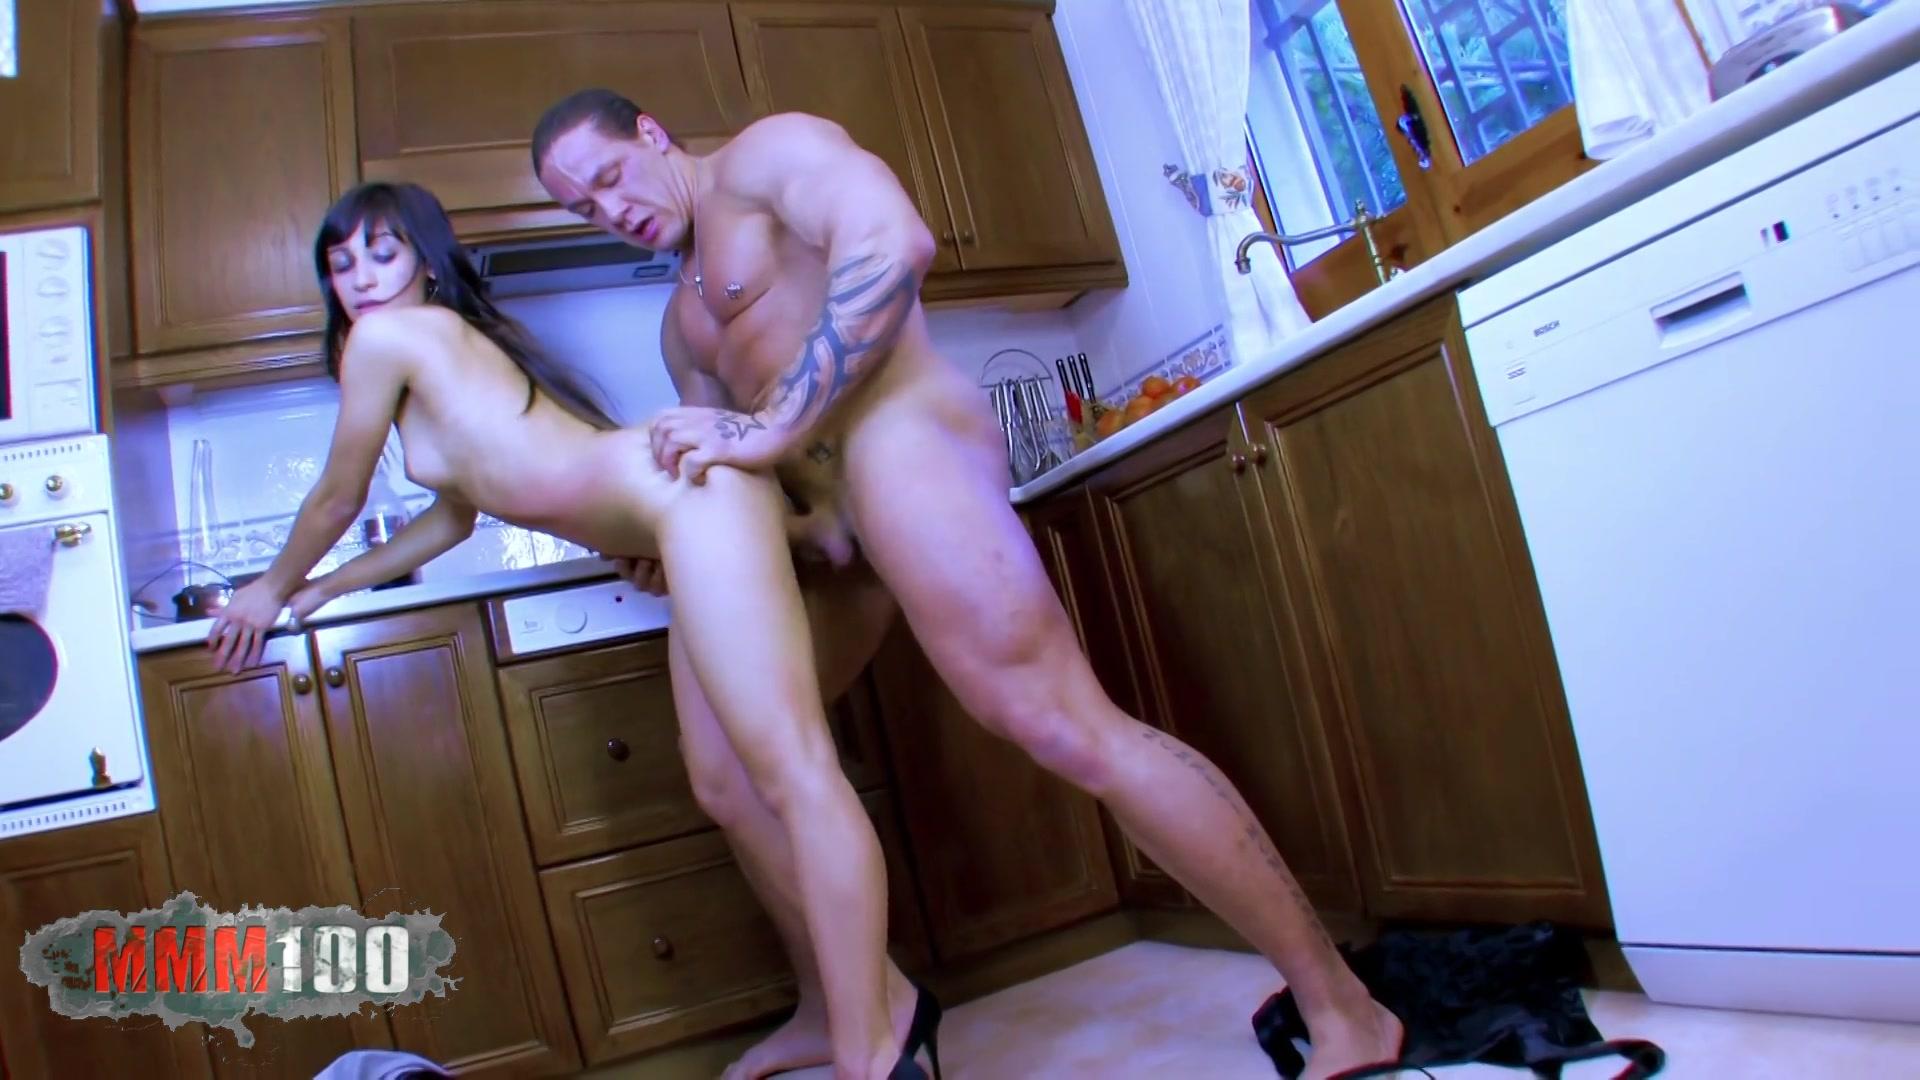 Секс рассказы трахнул на кухне, Трахнул на кухне - Реальные сексуальные рассказы 1 фотография